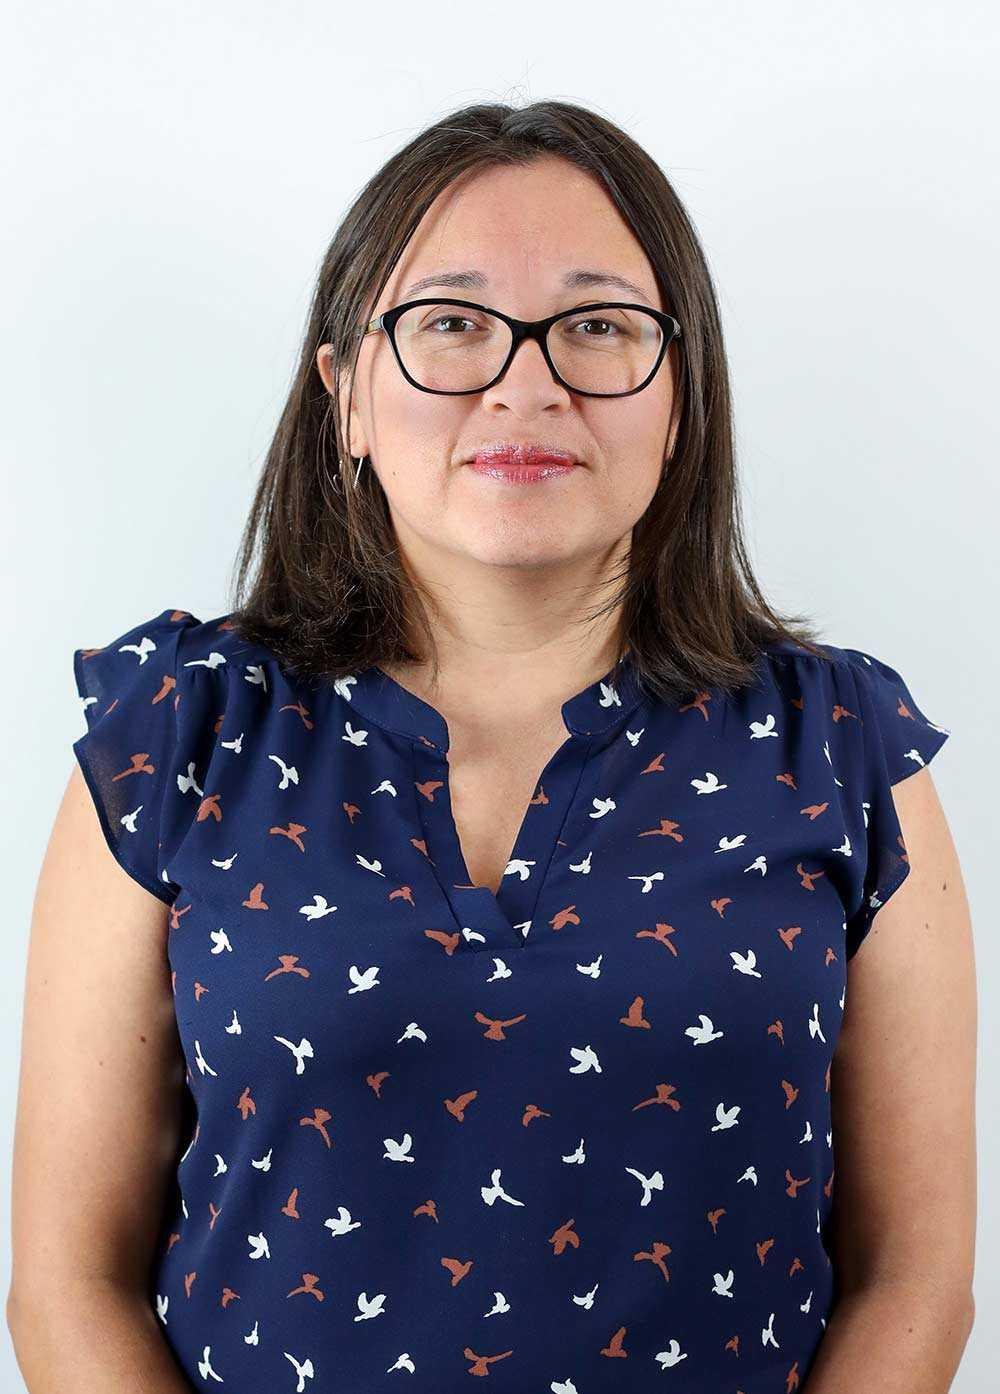 Headshot of Mayra Robles